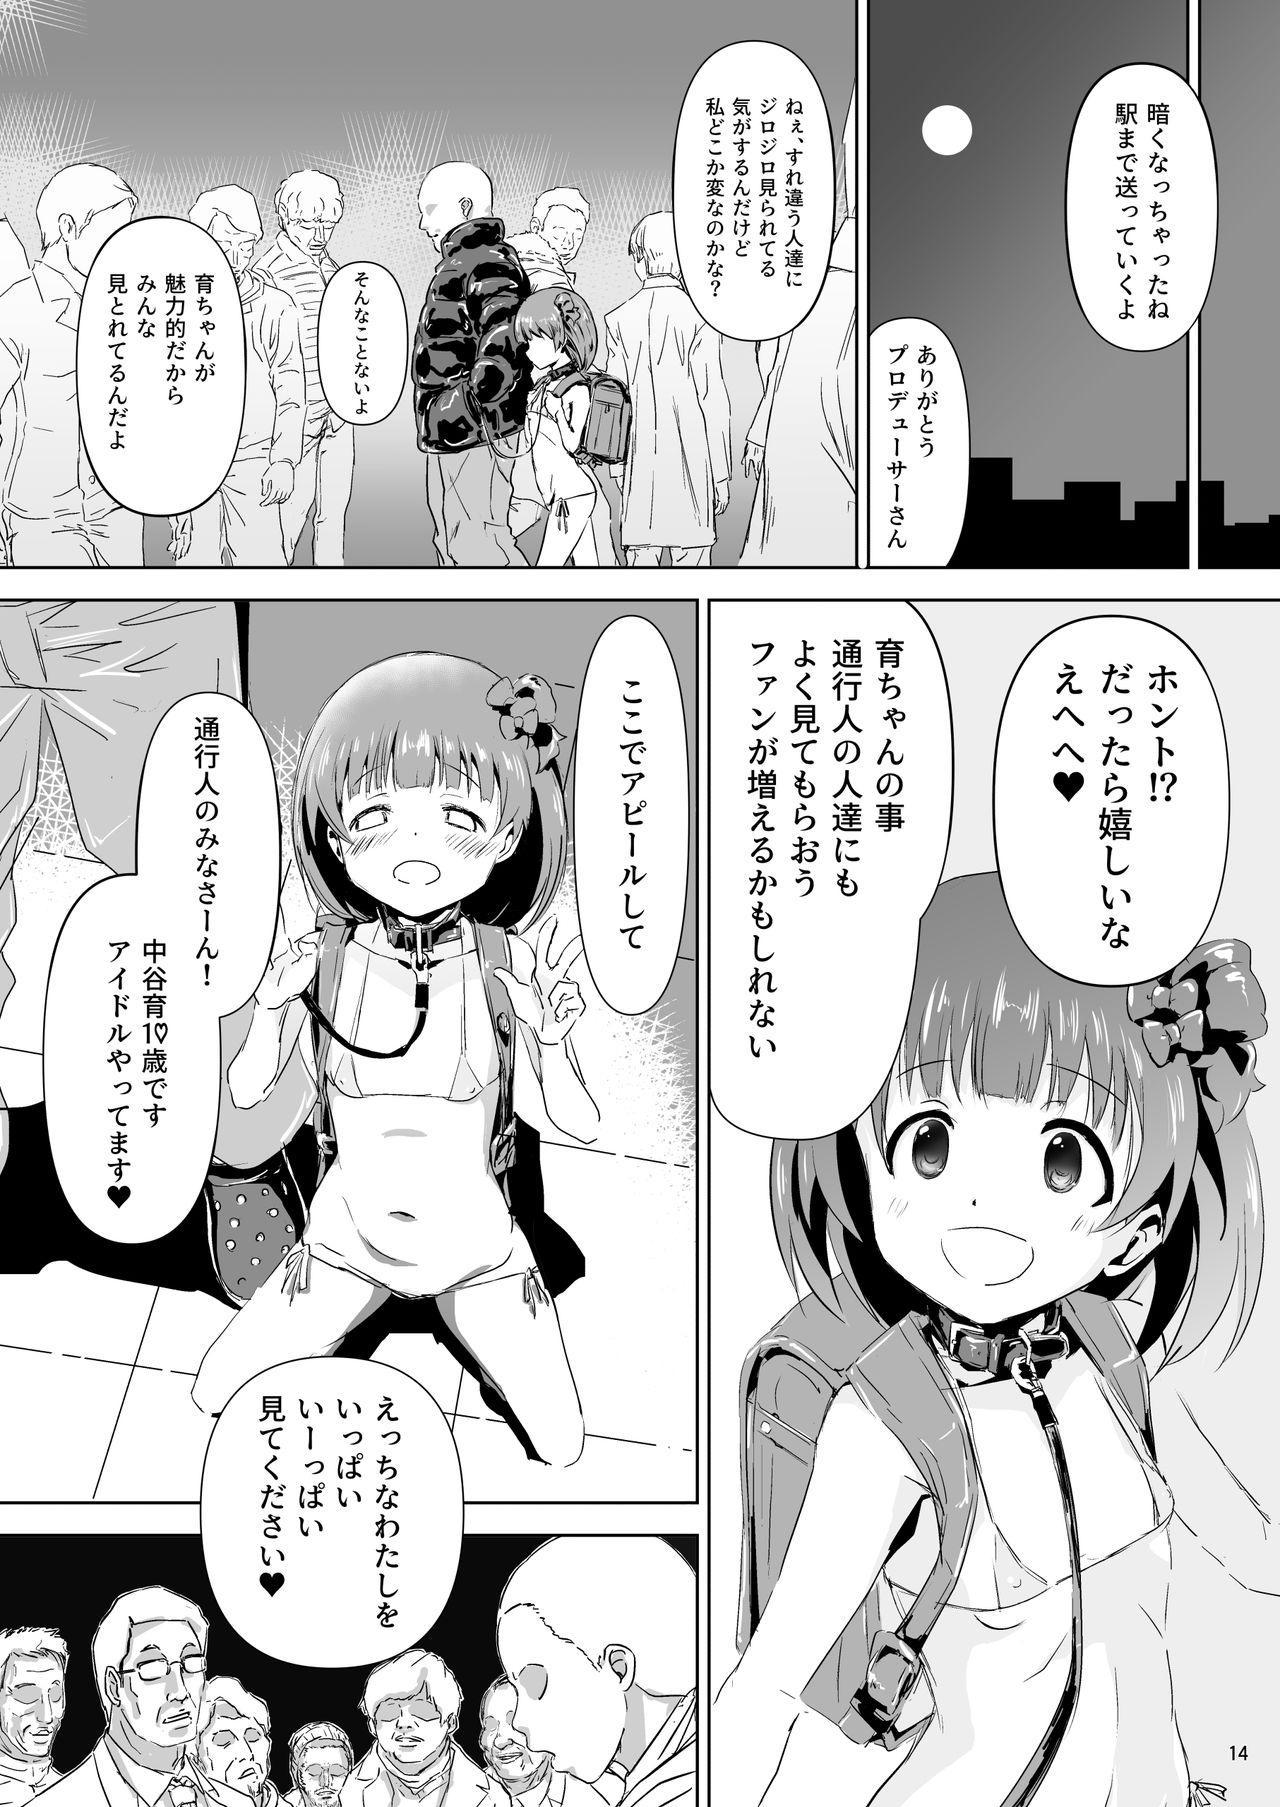 Nakatani Iku-chan ni gūzen enka shitanode saimin apuri kidō shita. 13